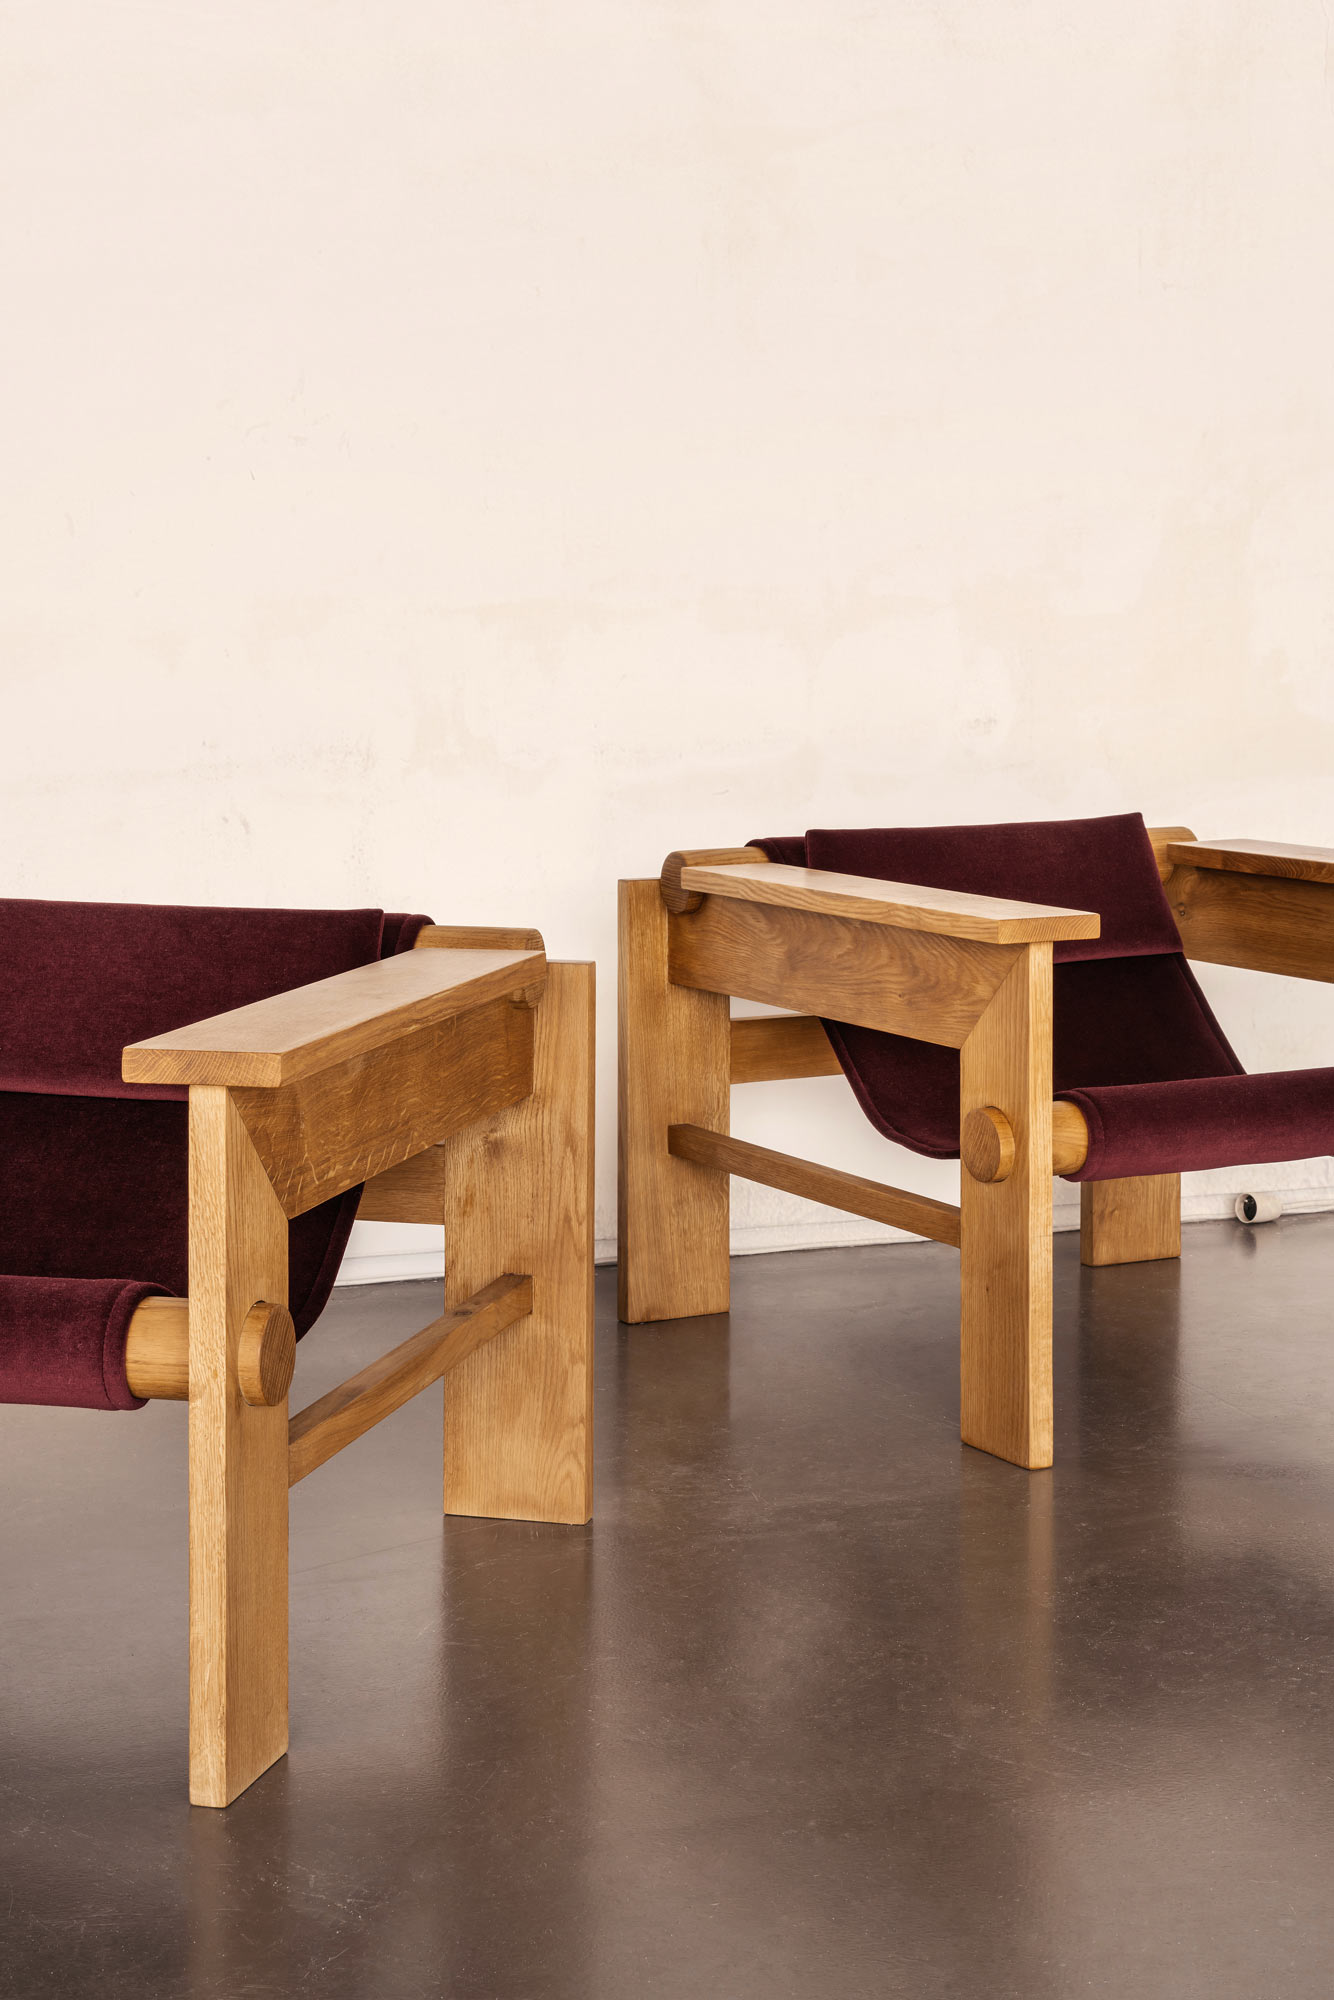 Geometrisch kontrastreiches Sitzmöbel von Studio Haos